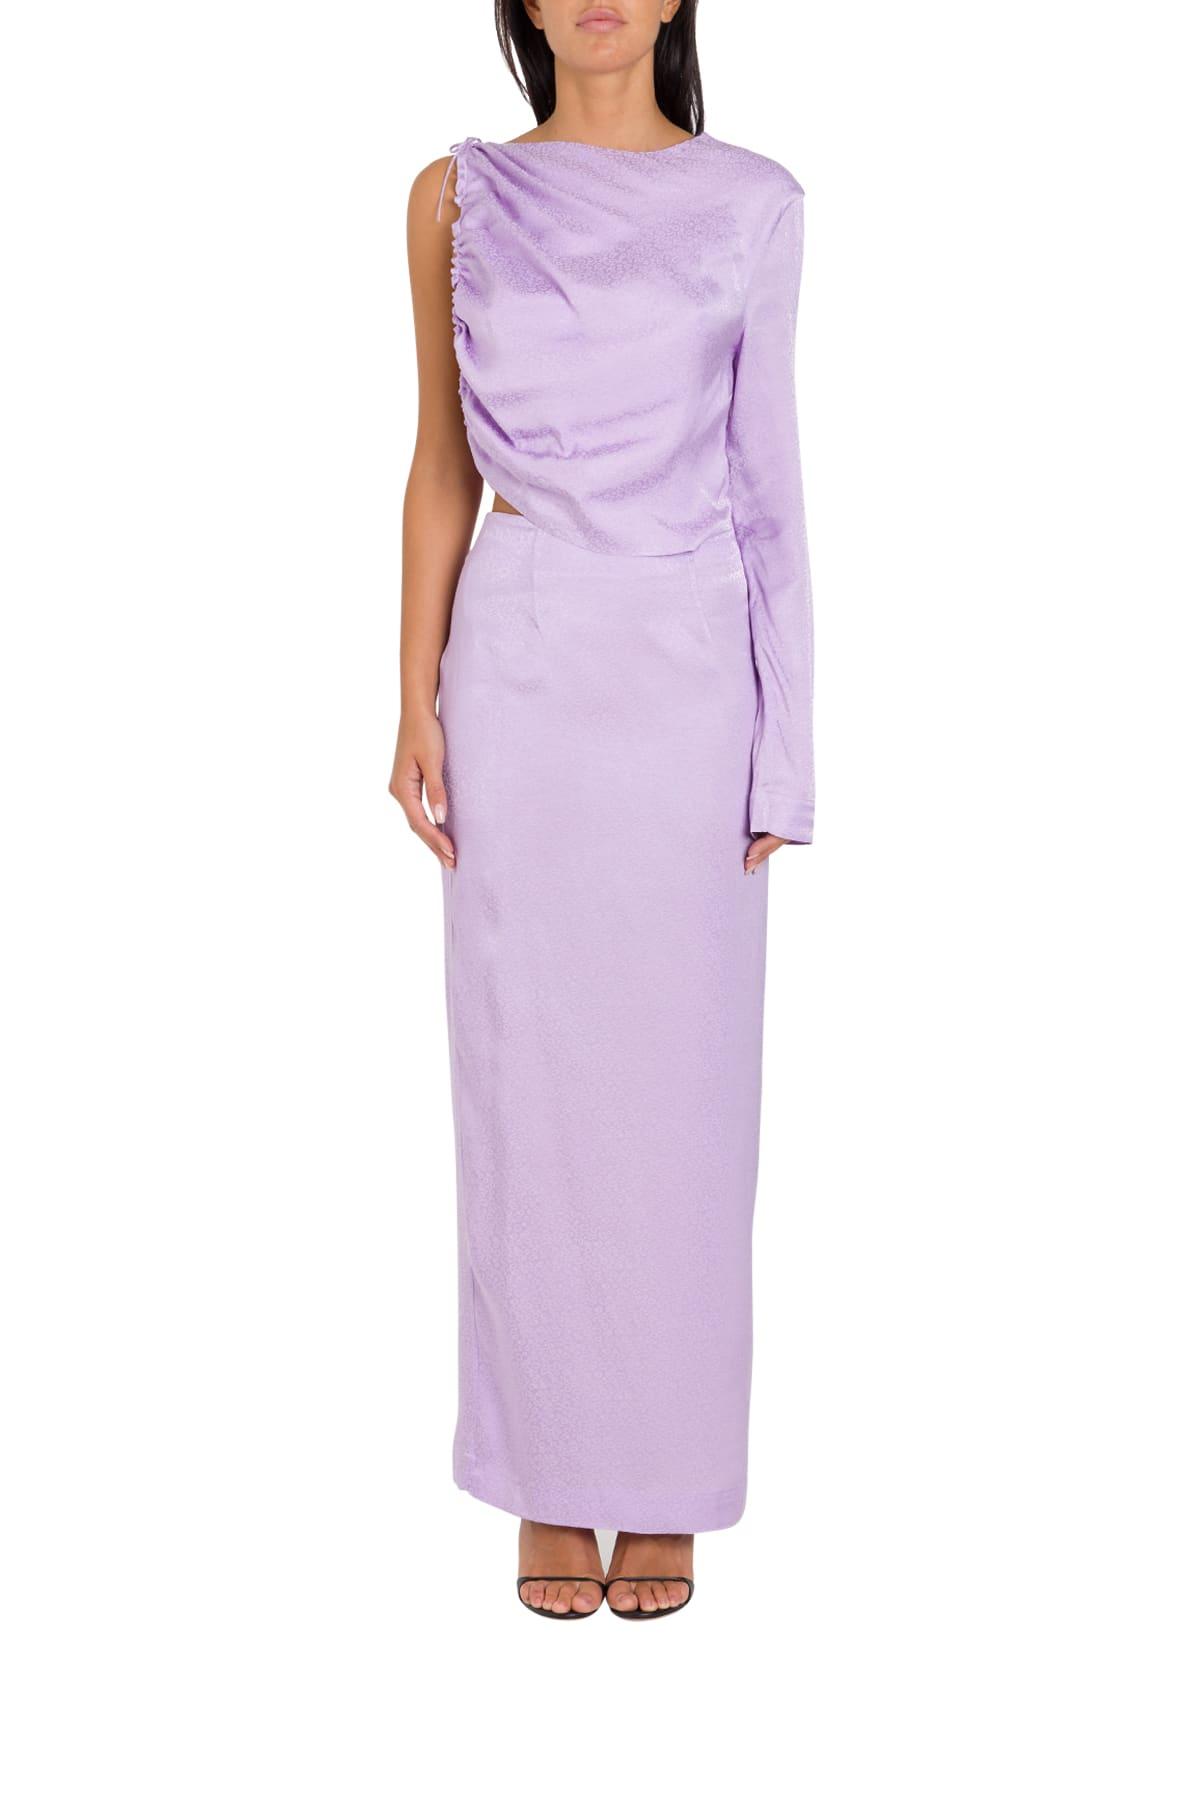 Buy MATÉRIEL Cut Out Detailed Dress online, shop MATÉRIEL with free shipping